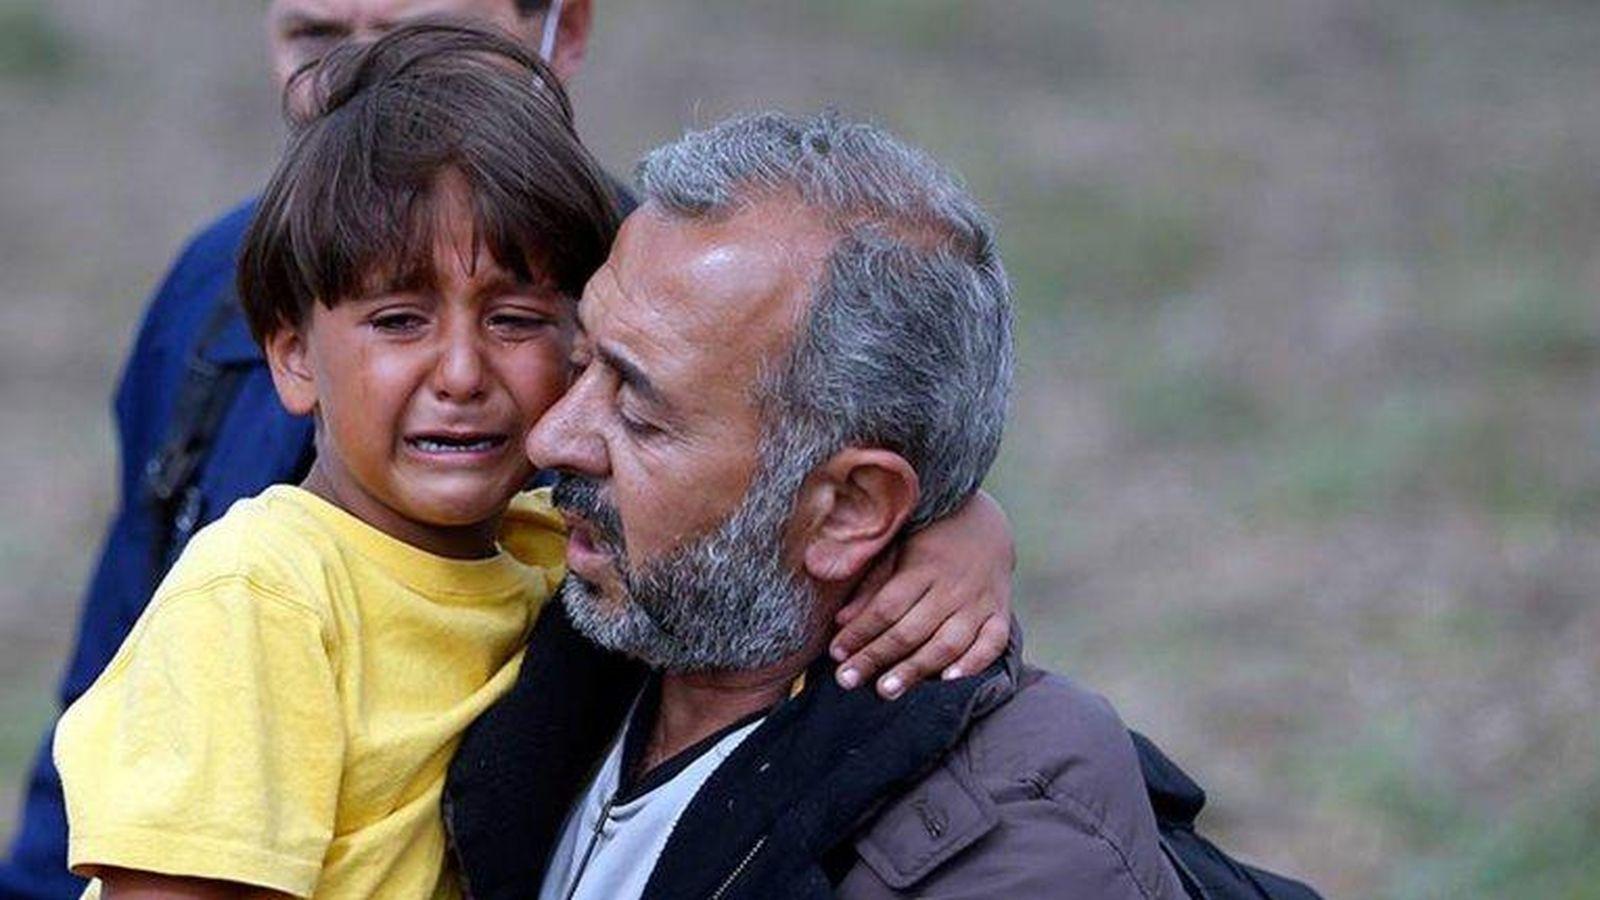 Foto: Osama Abdul Mohsen y su hijo, tratando de huir de Hungría tras la patada de Petra Laszlo.